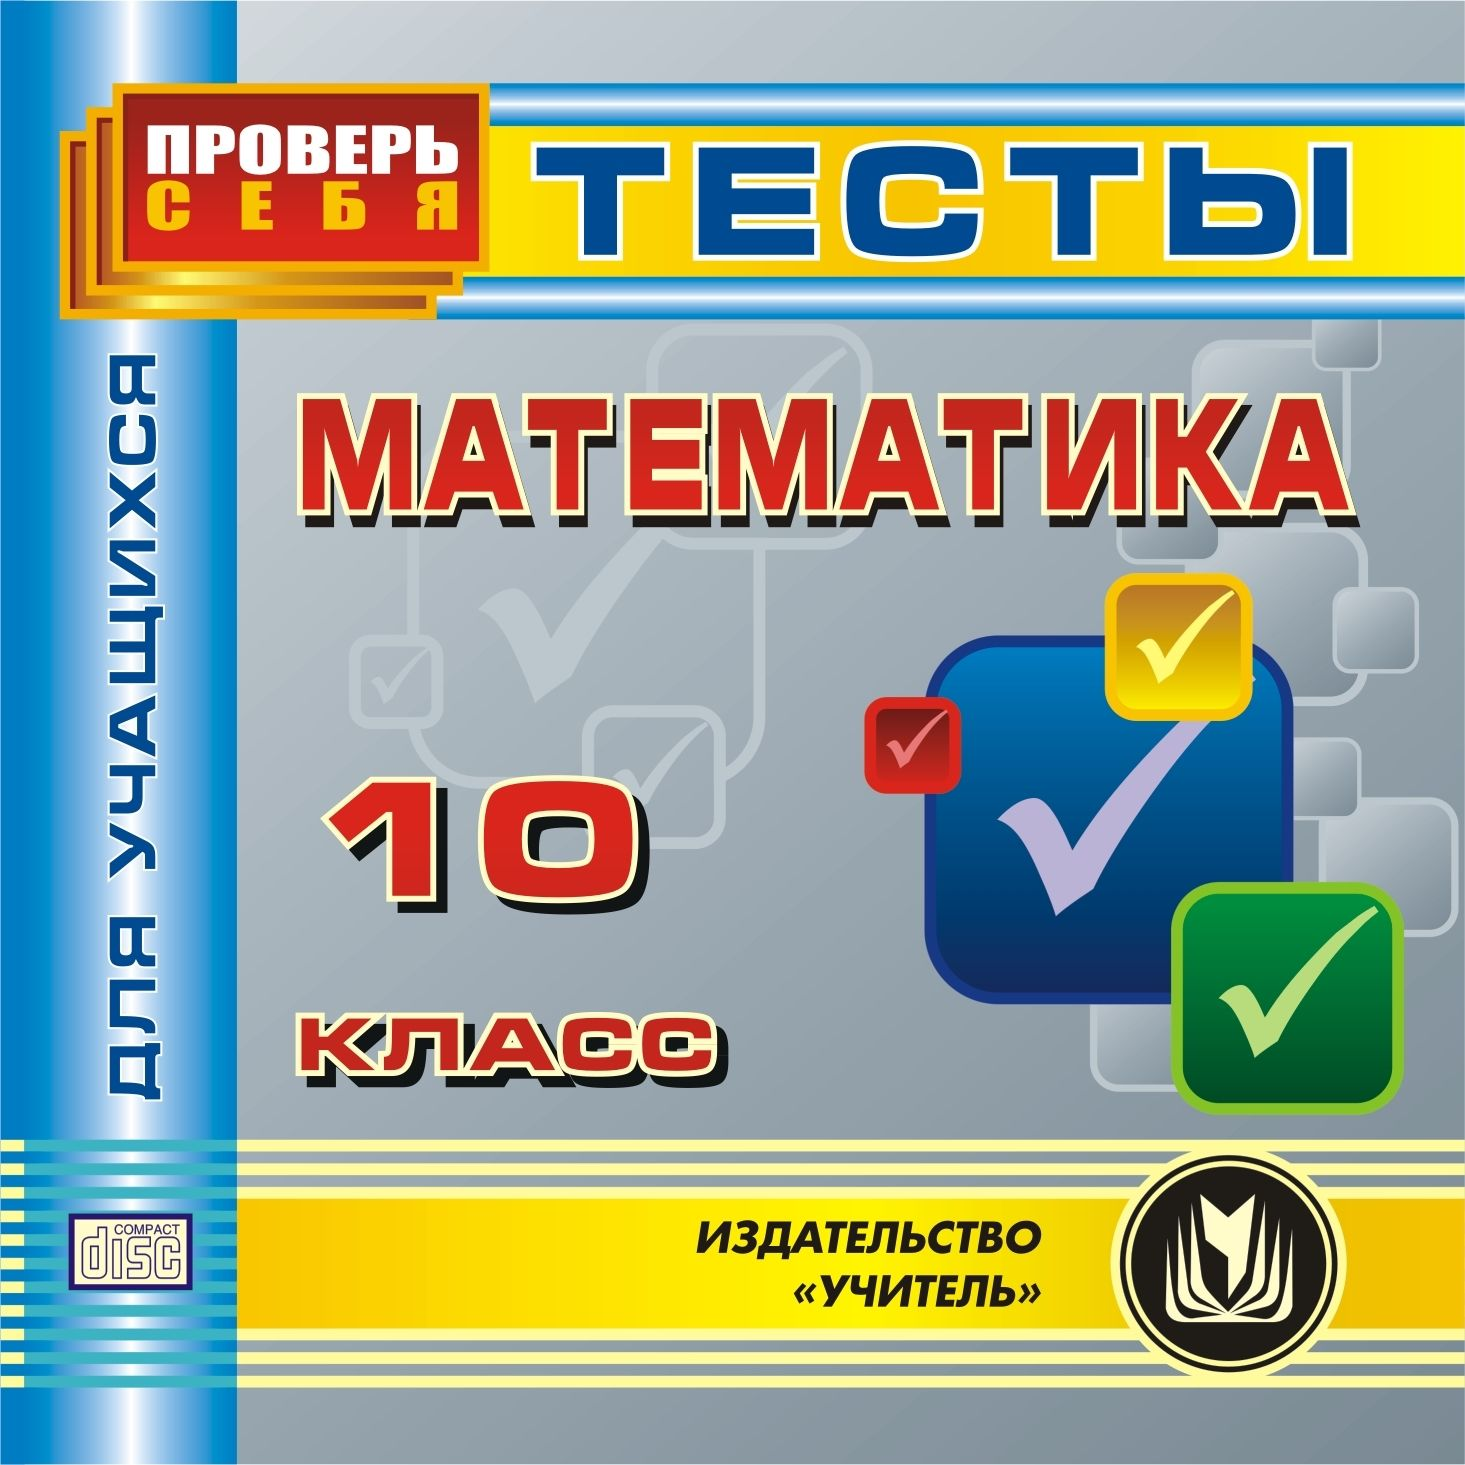 Математика. 10 класс. Тесты для учащихся. Компакт-диск для компьютераСредняя школа<br>В электронном пособии Математика. 10 класс. Тесты для учащихся   серии Проверь себя содержится ряд тестов, структура и содержание которых соответствует программам по алгебре и геометрии для 10 классов. Компакт-диск создан в помощь учащимся 10 классов,...<br><br>Авторы: Гилярова М. Г.<br>Год: 2012<br>Серия: Проверь себя<br>Высота: 125<br>Ширина: 141<br>Толщина: 10